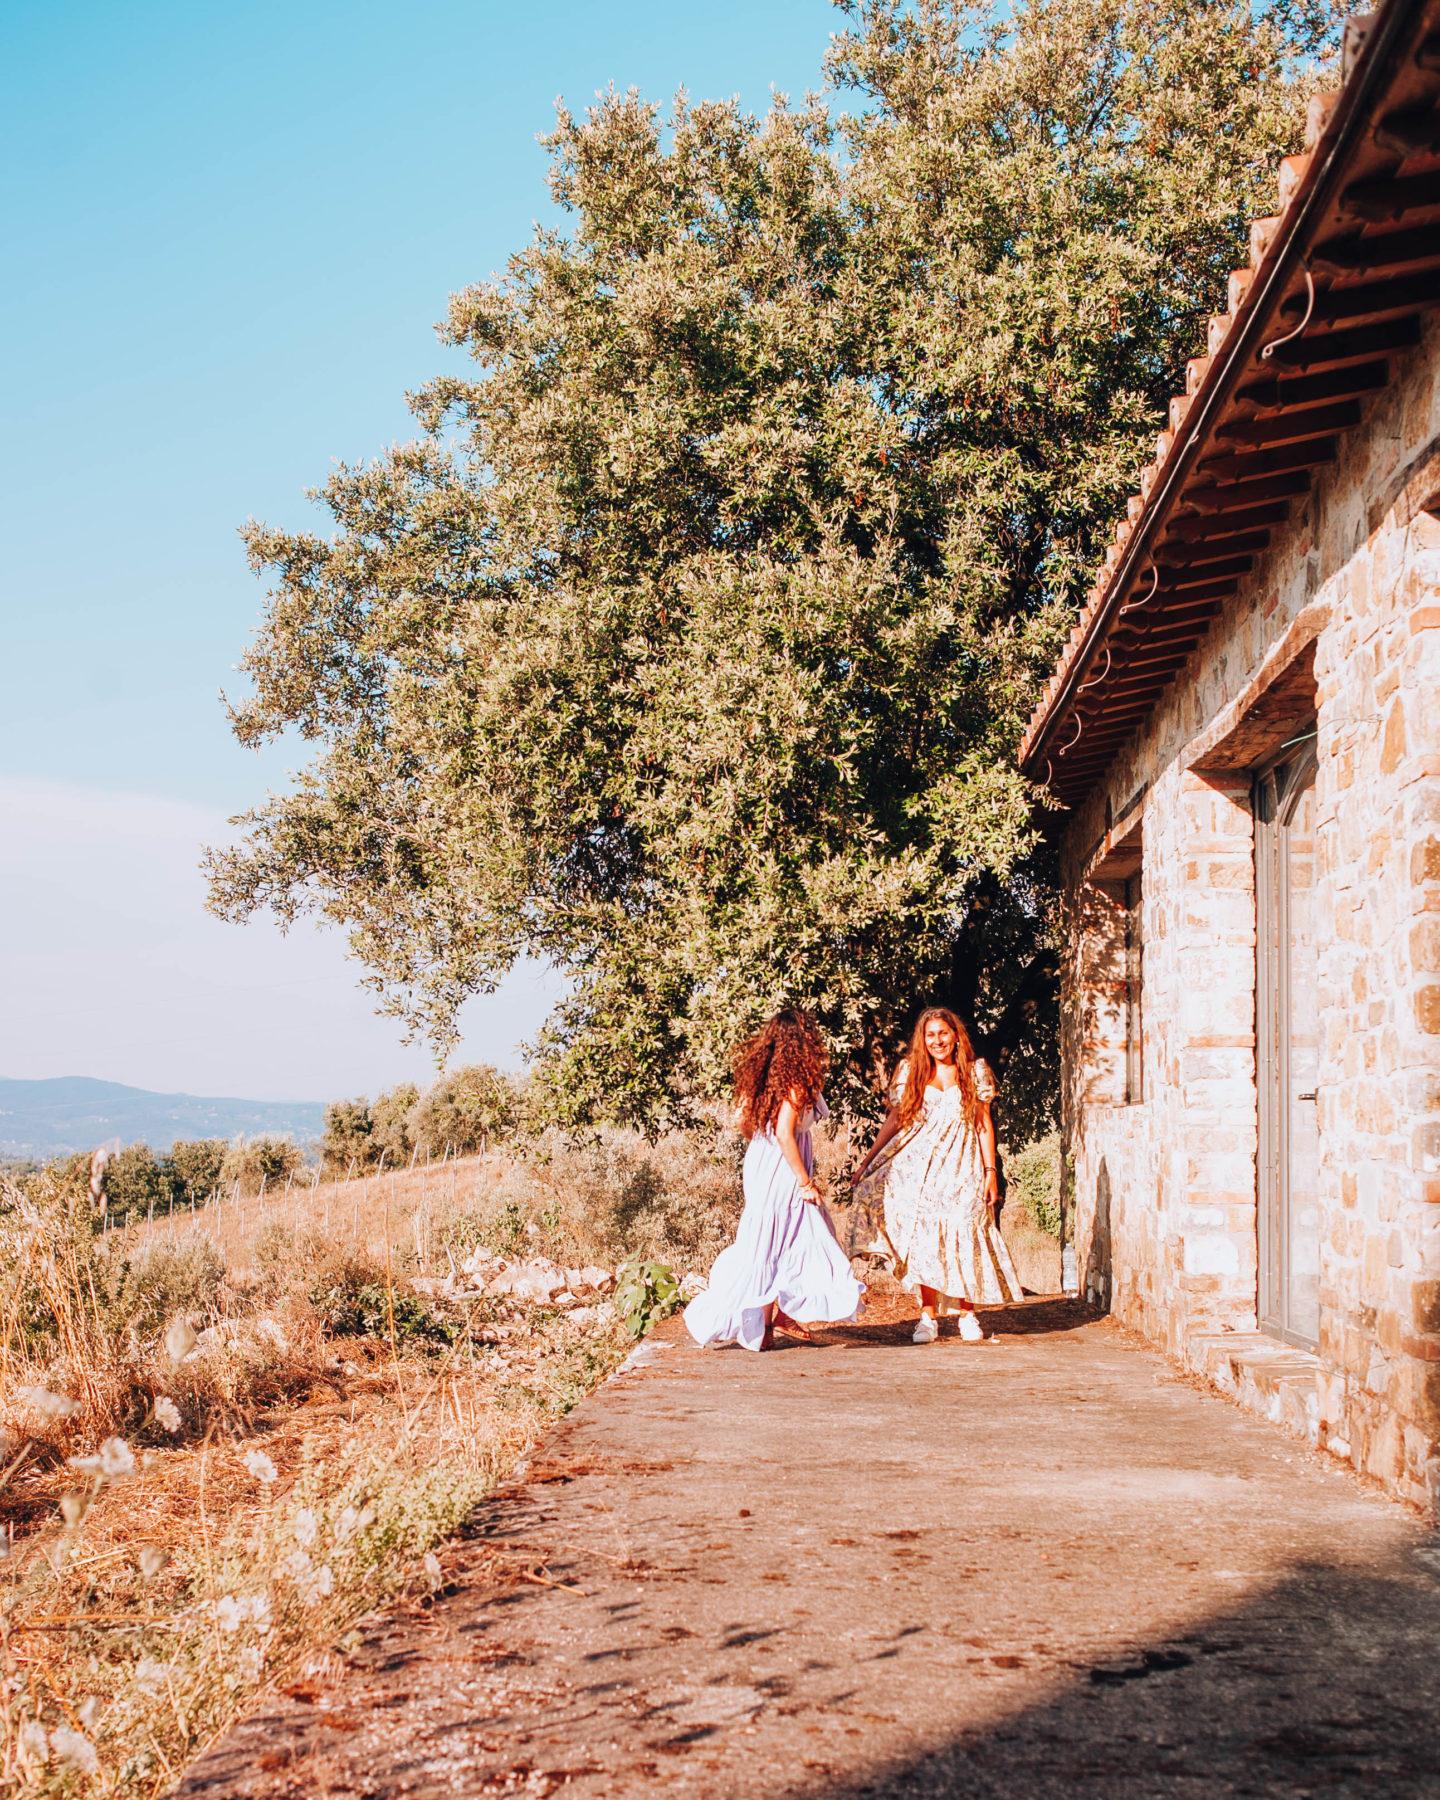 due ragazze con abito lungo in situazione bucolica